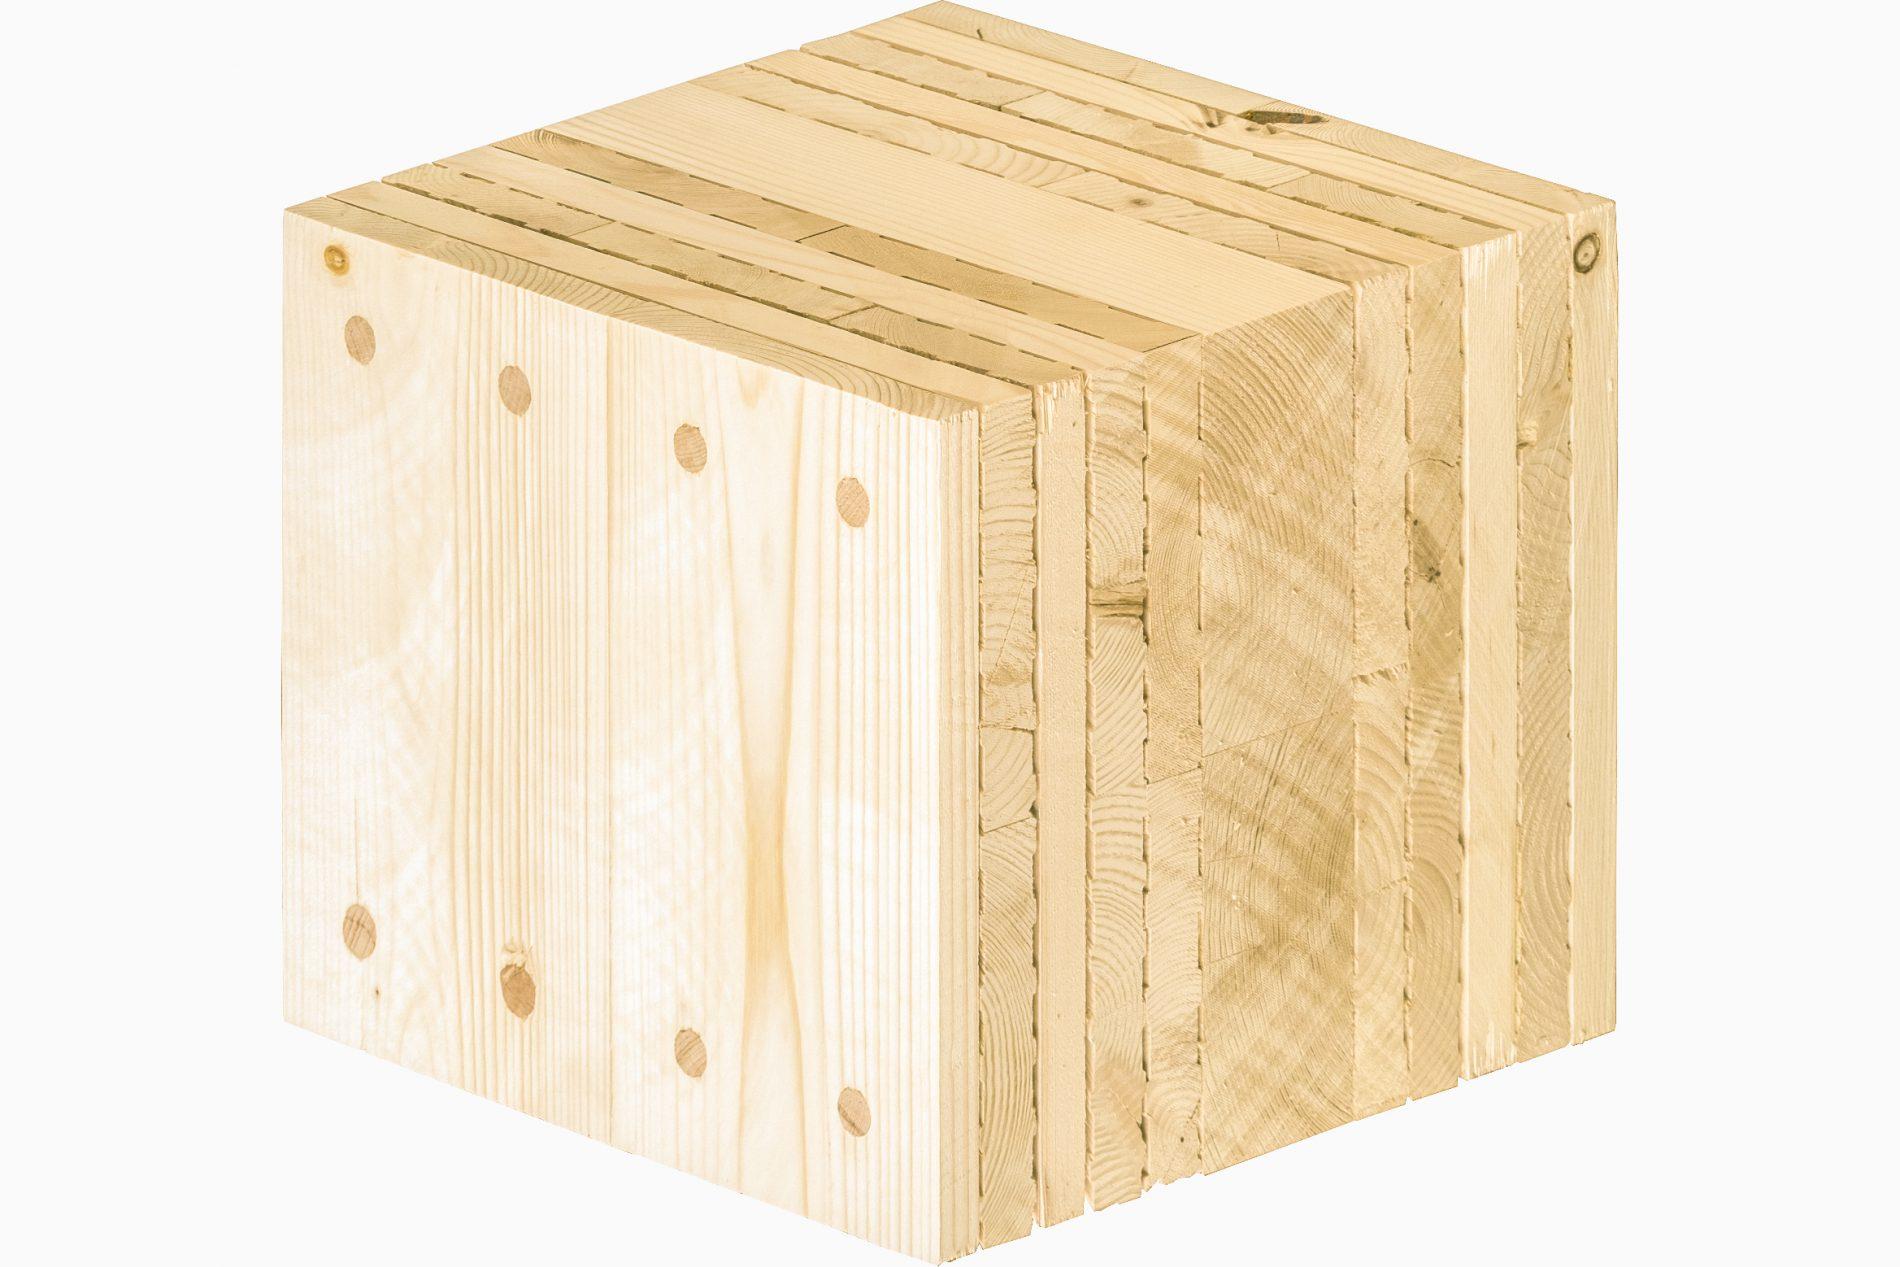 holz100 236er wand thoma holz. Black Bedroom Furniture Sets. Home Design Ideas